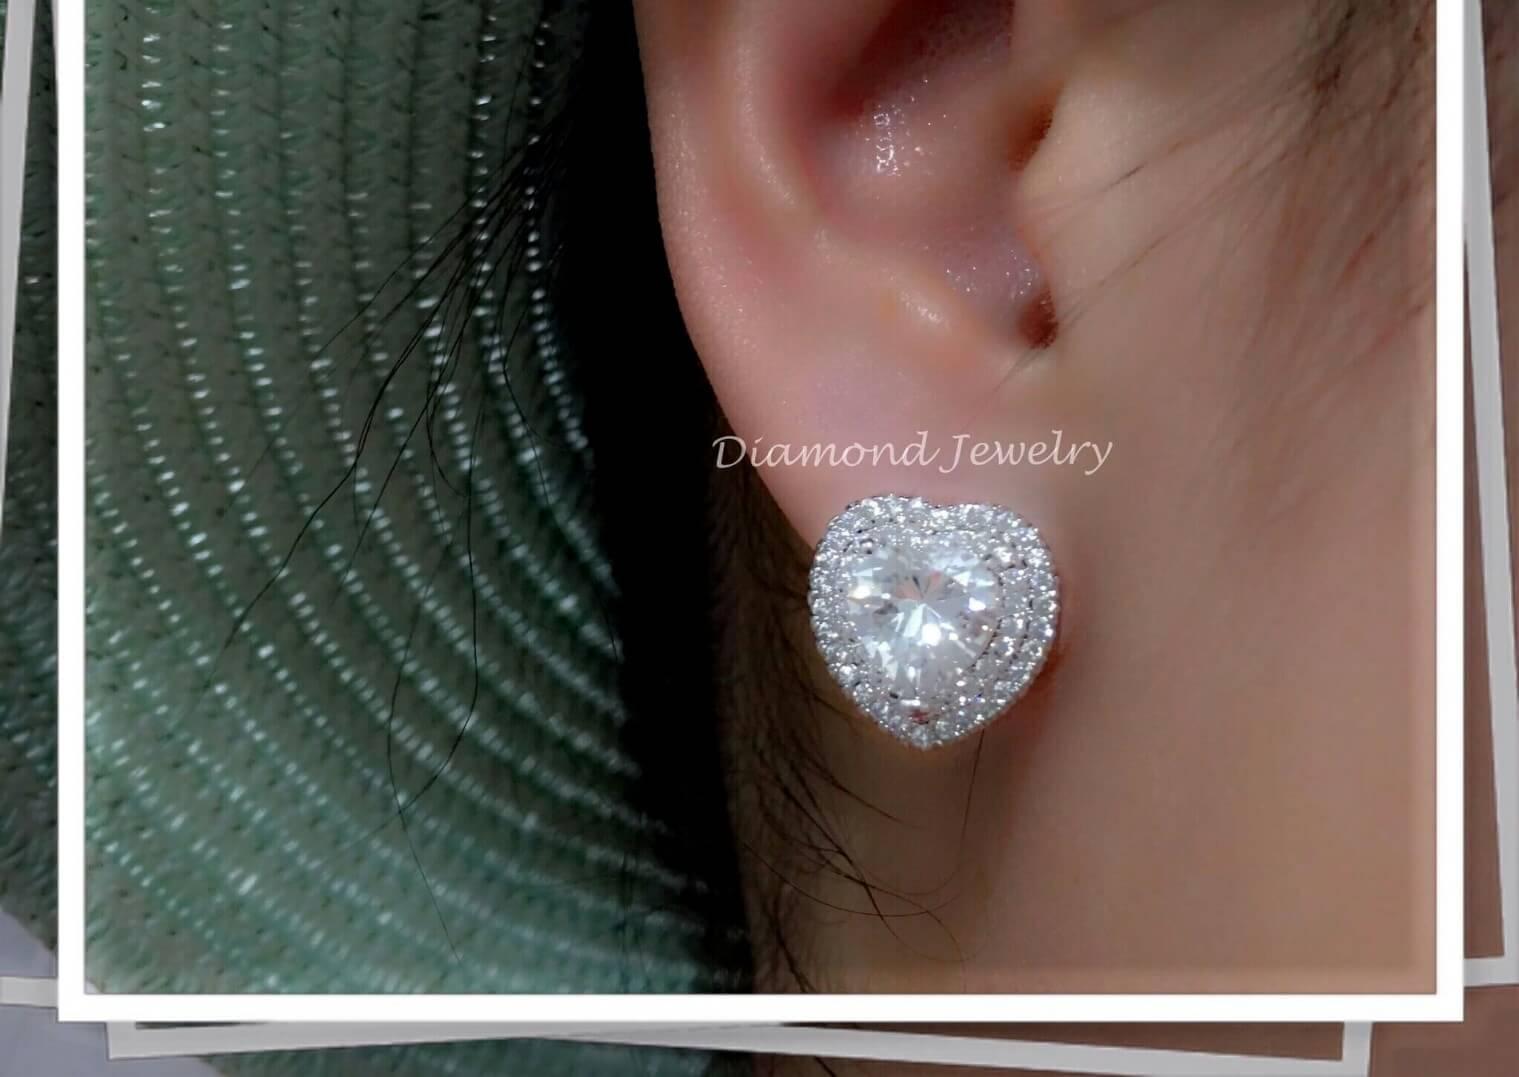 พร้อมส่ง Diamond Earring ต่างหูเพชร CZ แท้ งานล้อมเพชร